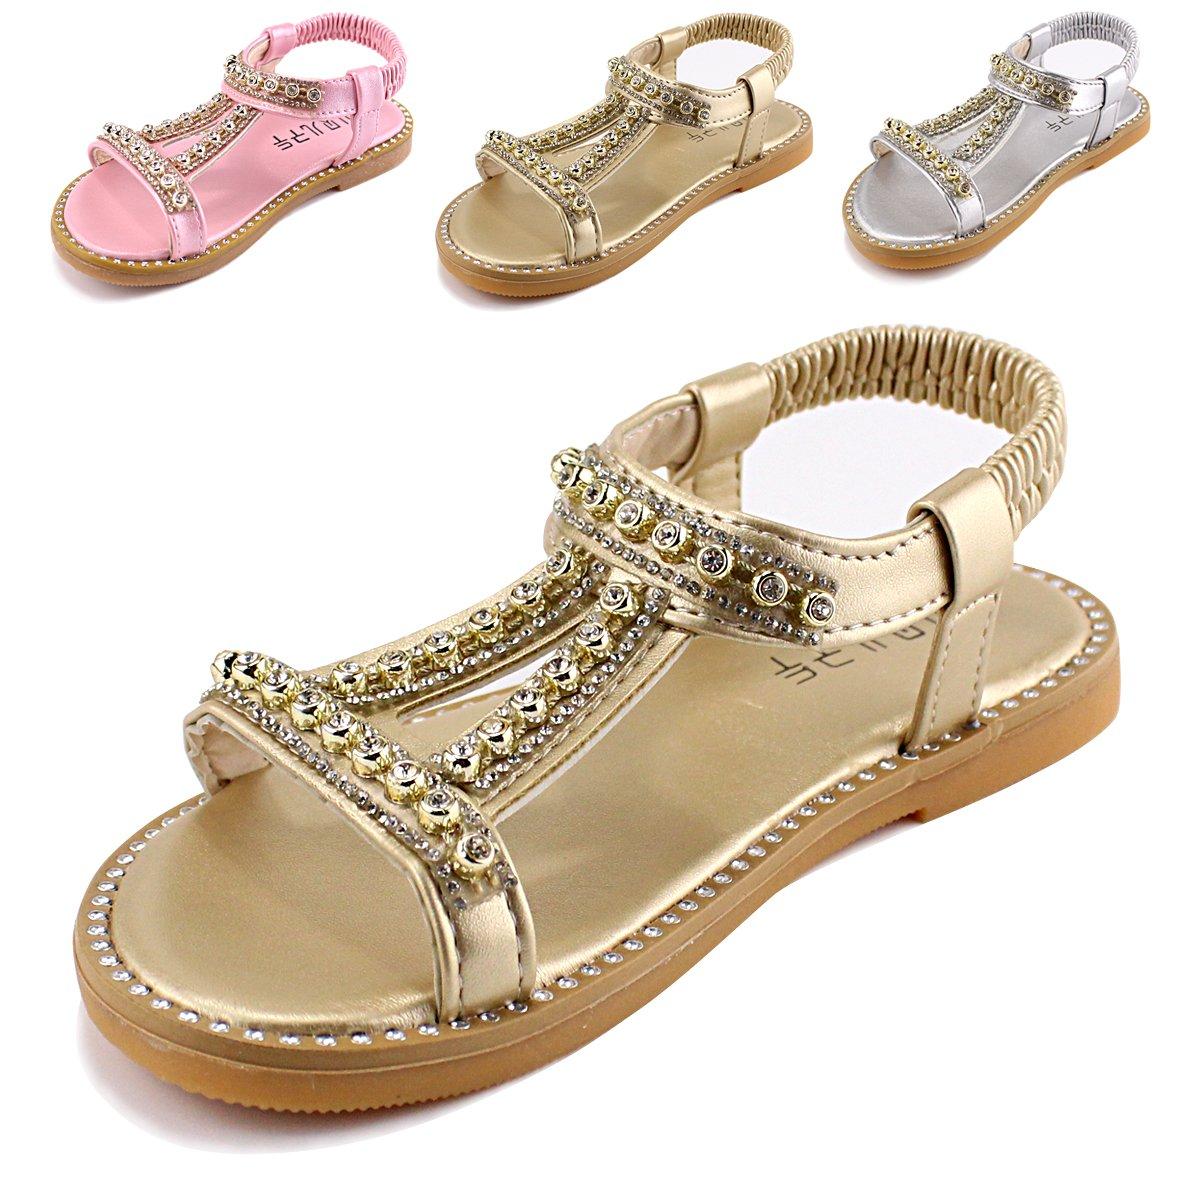 Evedaily Sandales Fille Enfant Bebe ete en Cuir Chaussures Confortable Mocassins Enfant